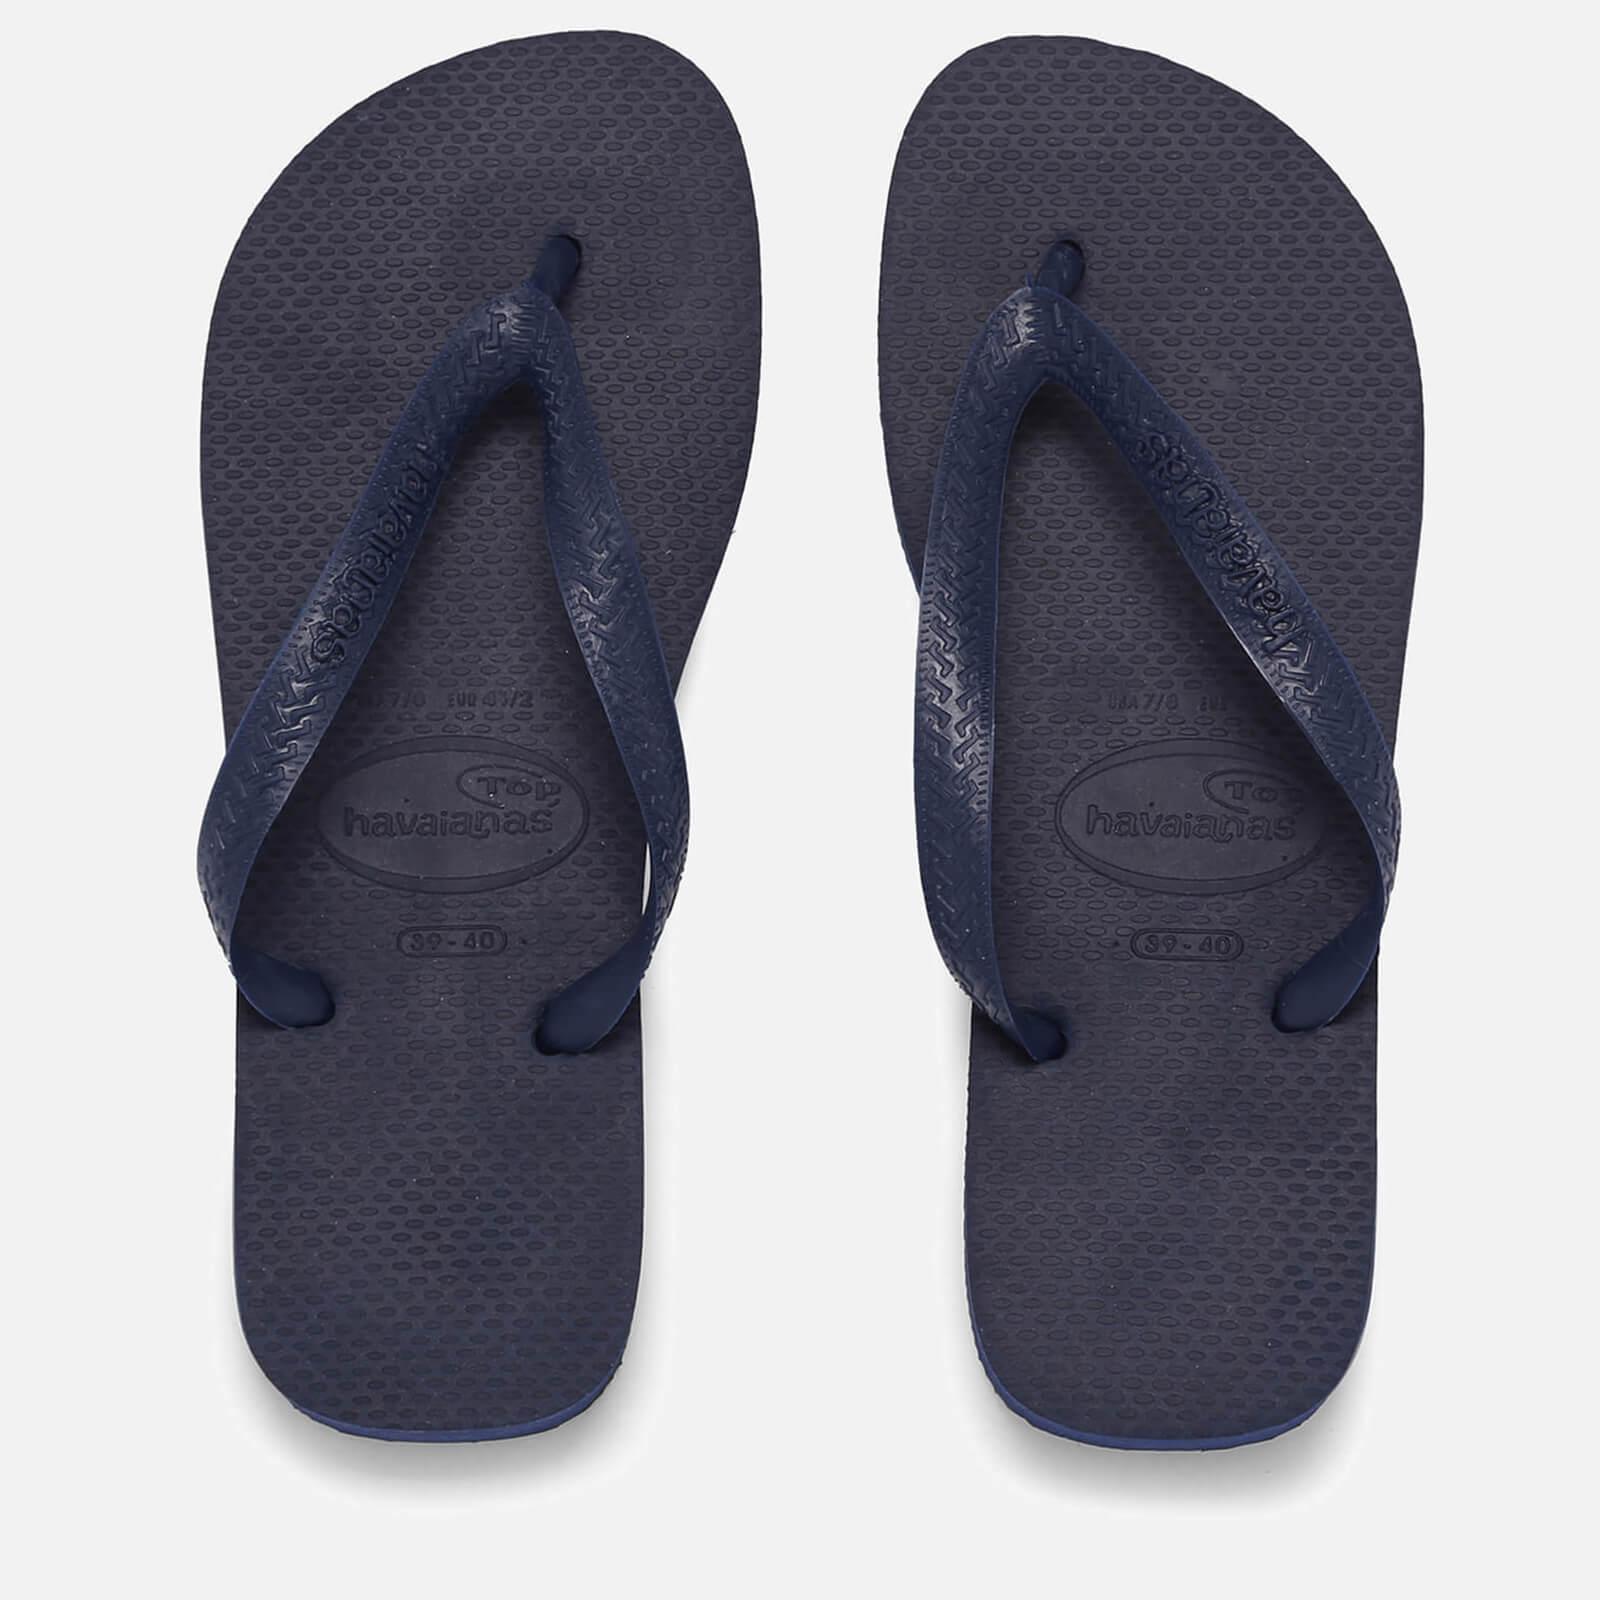 d1bd35e10e3d Havaianas Top Flip Flops - Navy Blue Womens Footwear